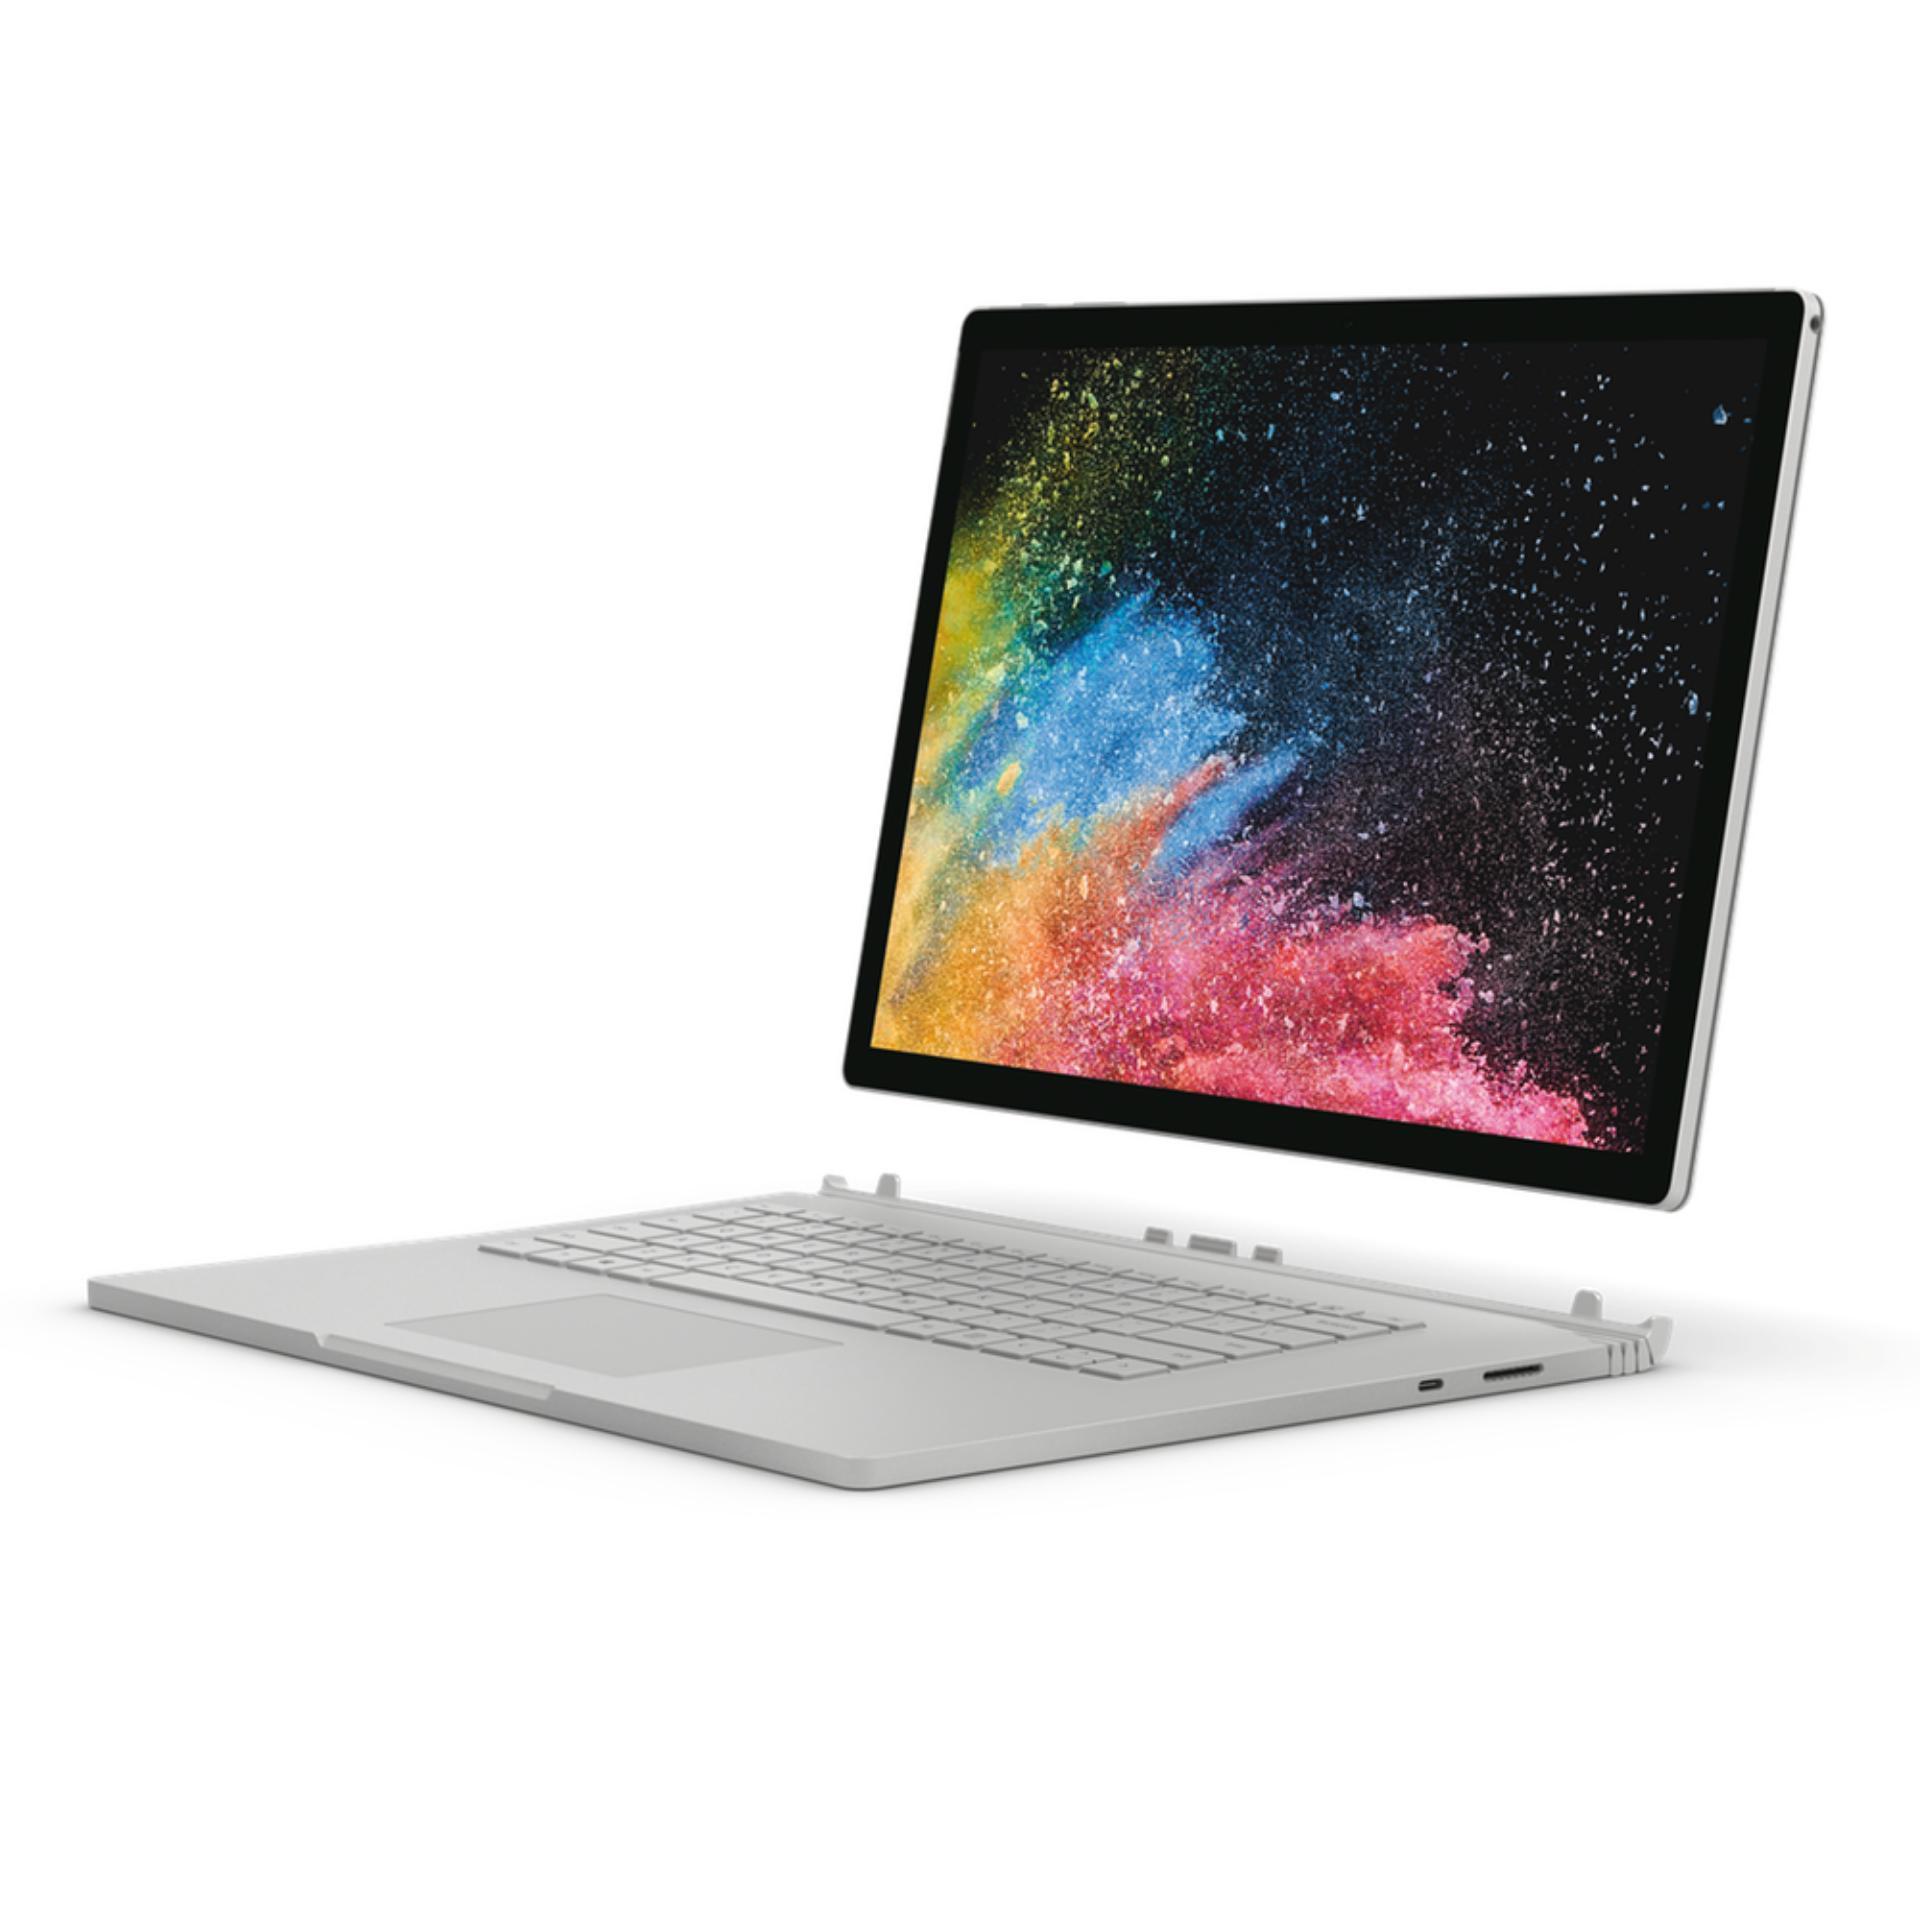 [Laptop] Surface Book 2 13in Core i5 / 8GB RAM / 256GB GPU SC